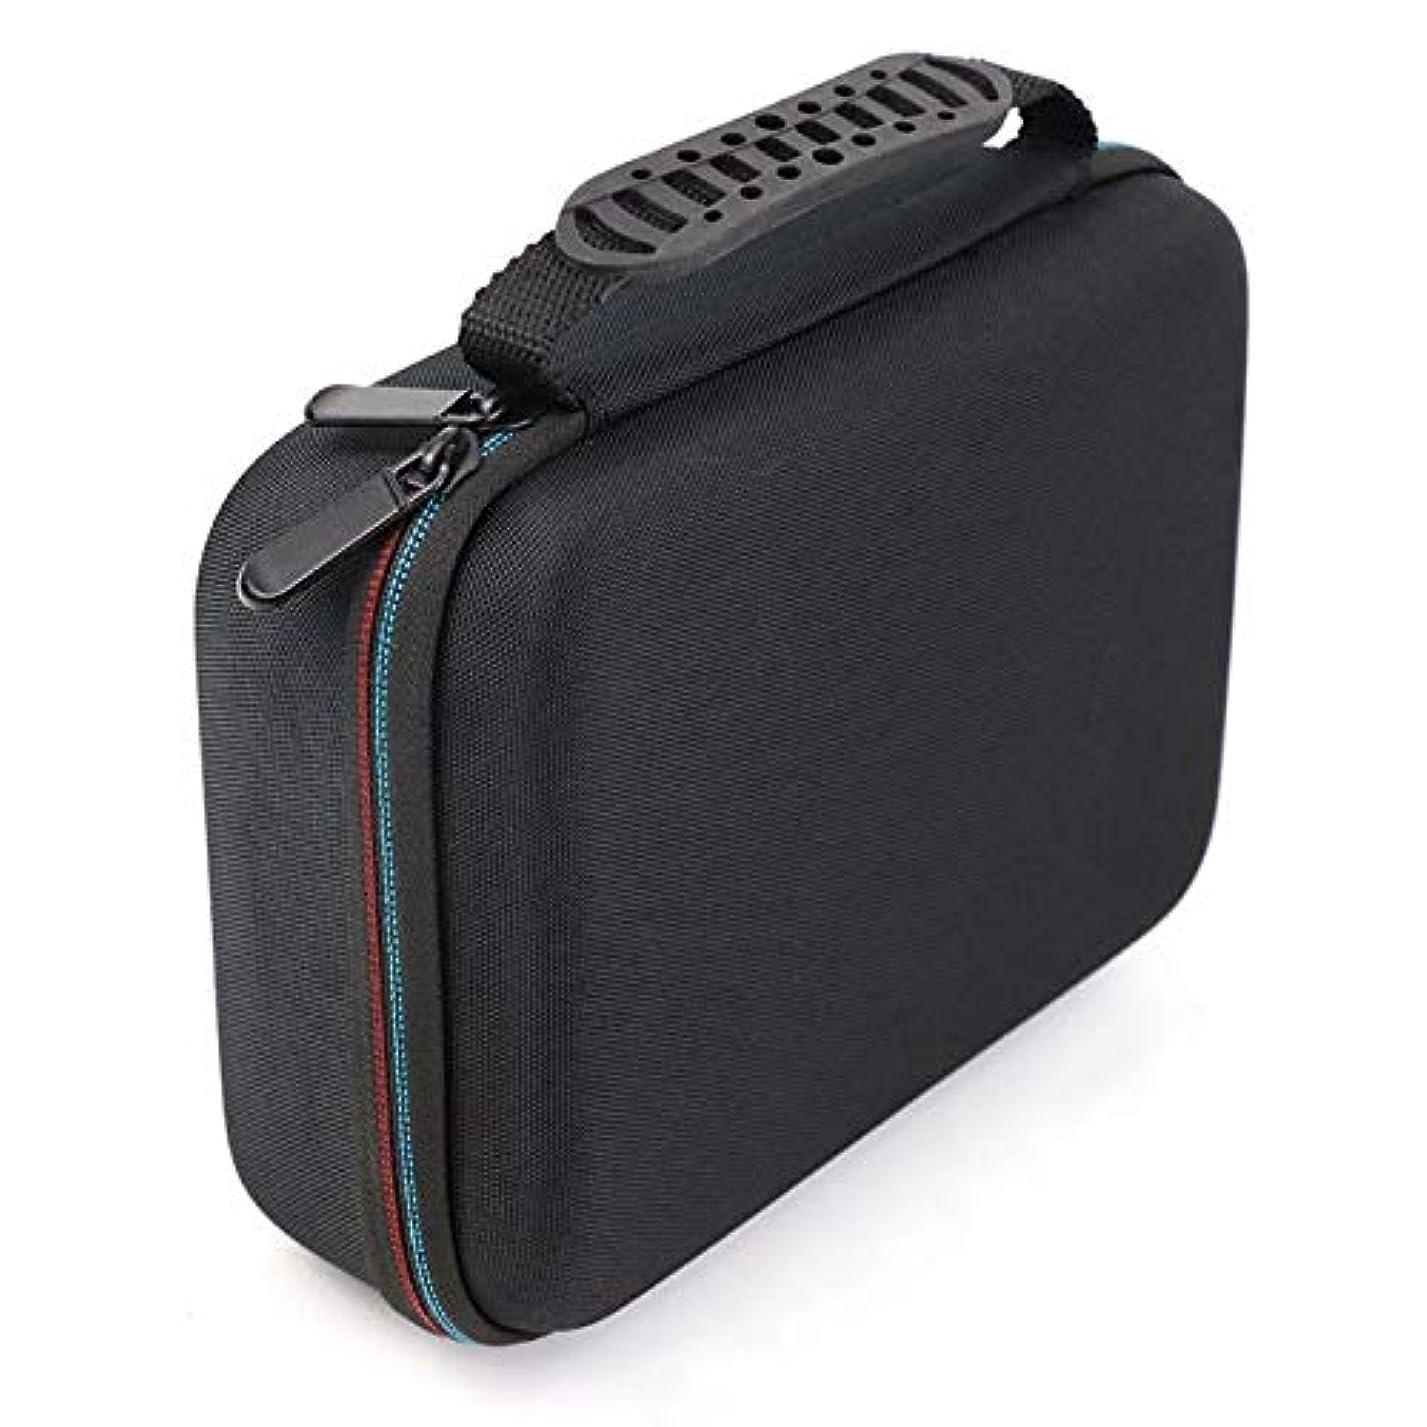 苦痛売り手強制CUHAWUDBA バリカンの収納ケース、携帯用ケース、耐衝撃バッグ、シェーバーのキット、Evaハードケース、収納バッグ、 Mgk3020/3060/3080用